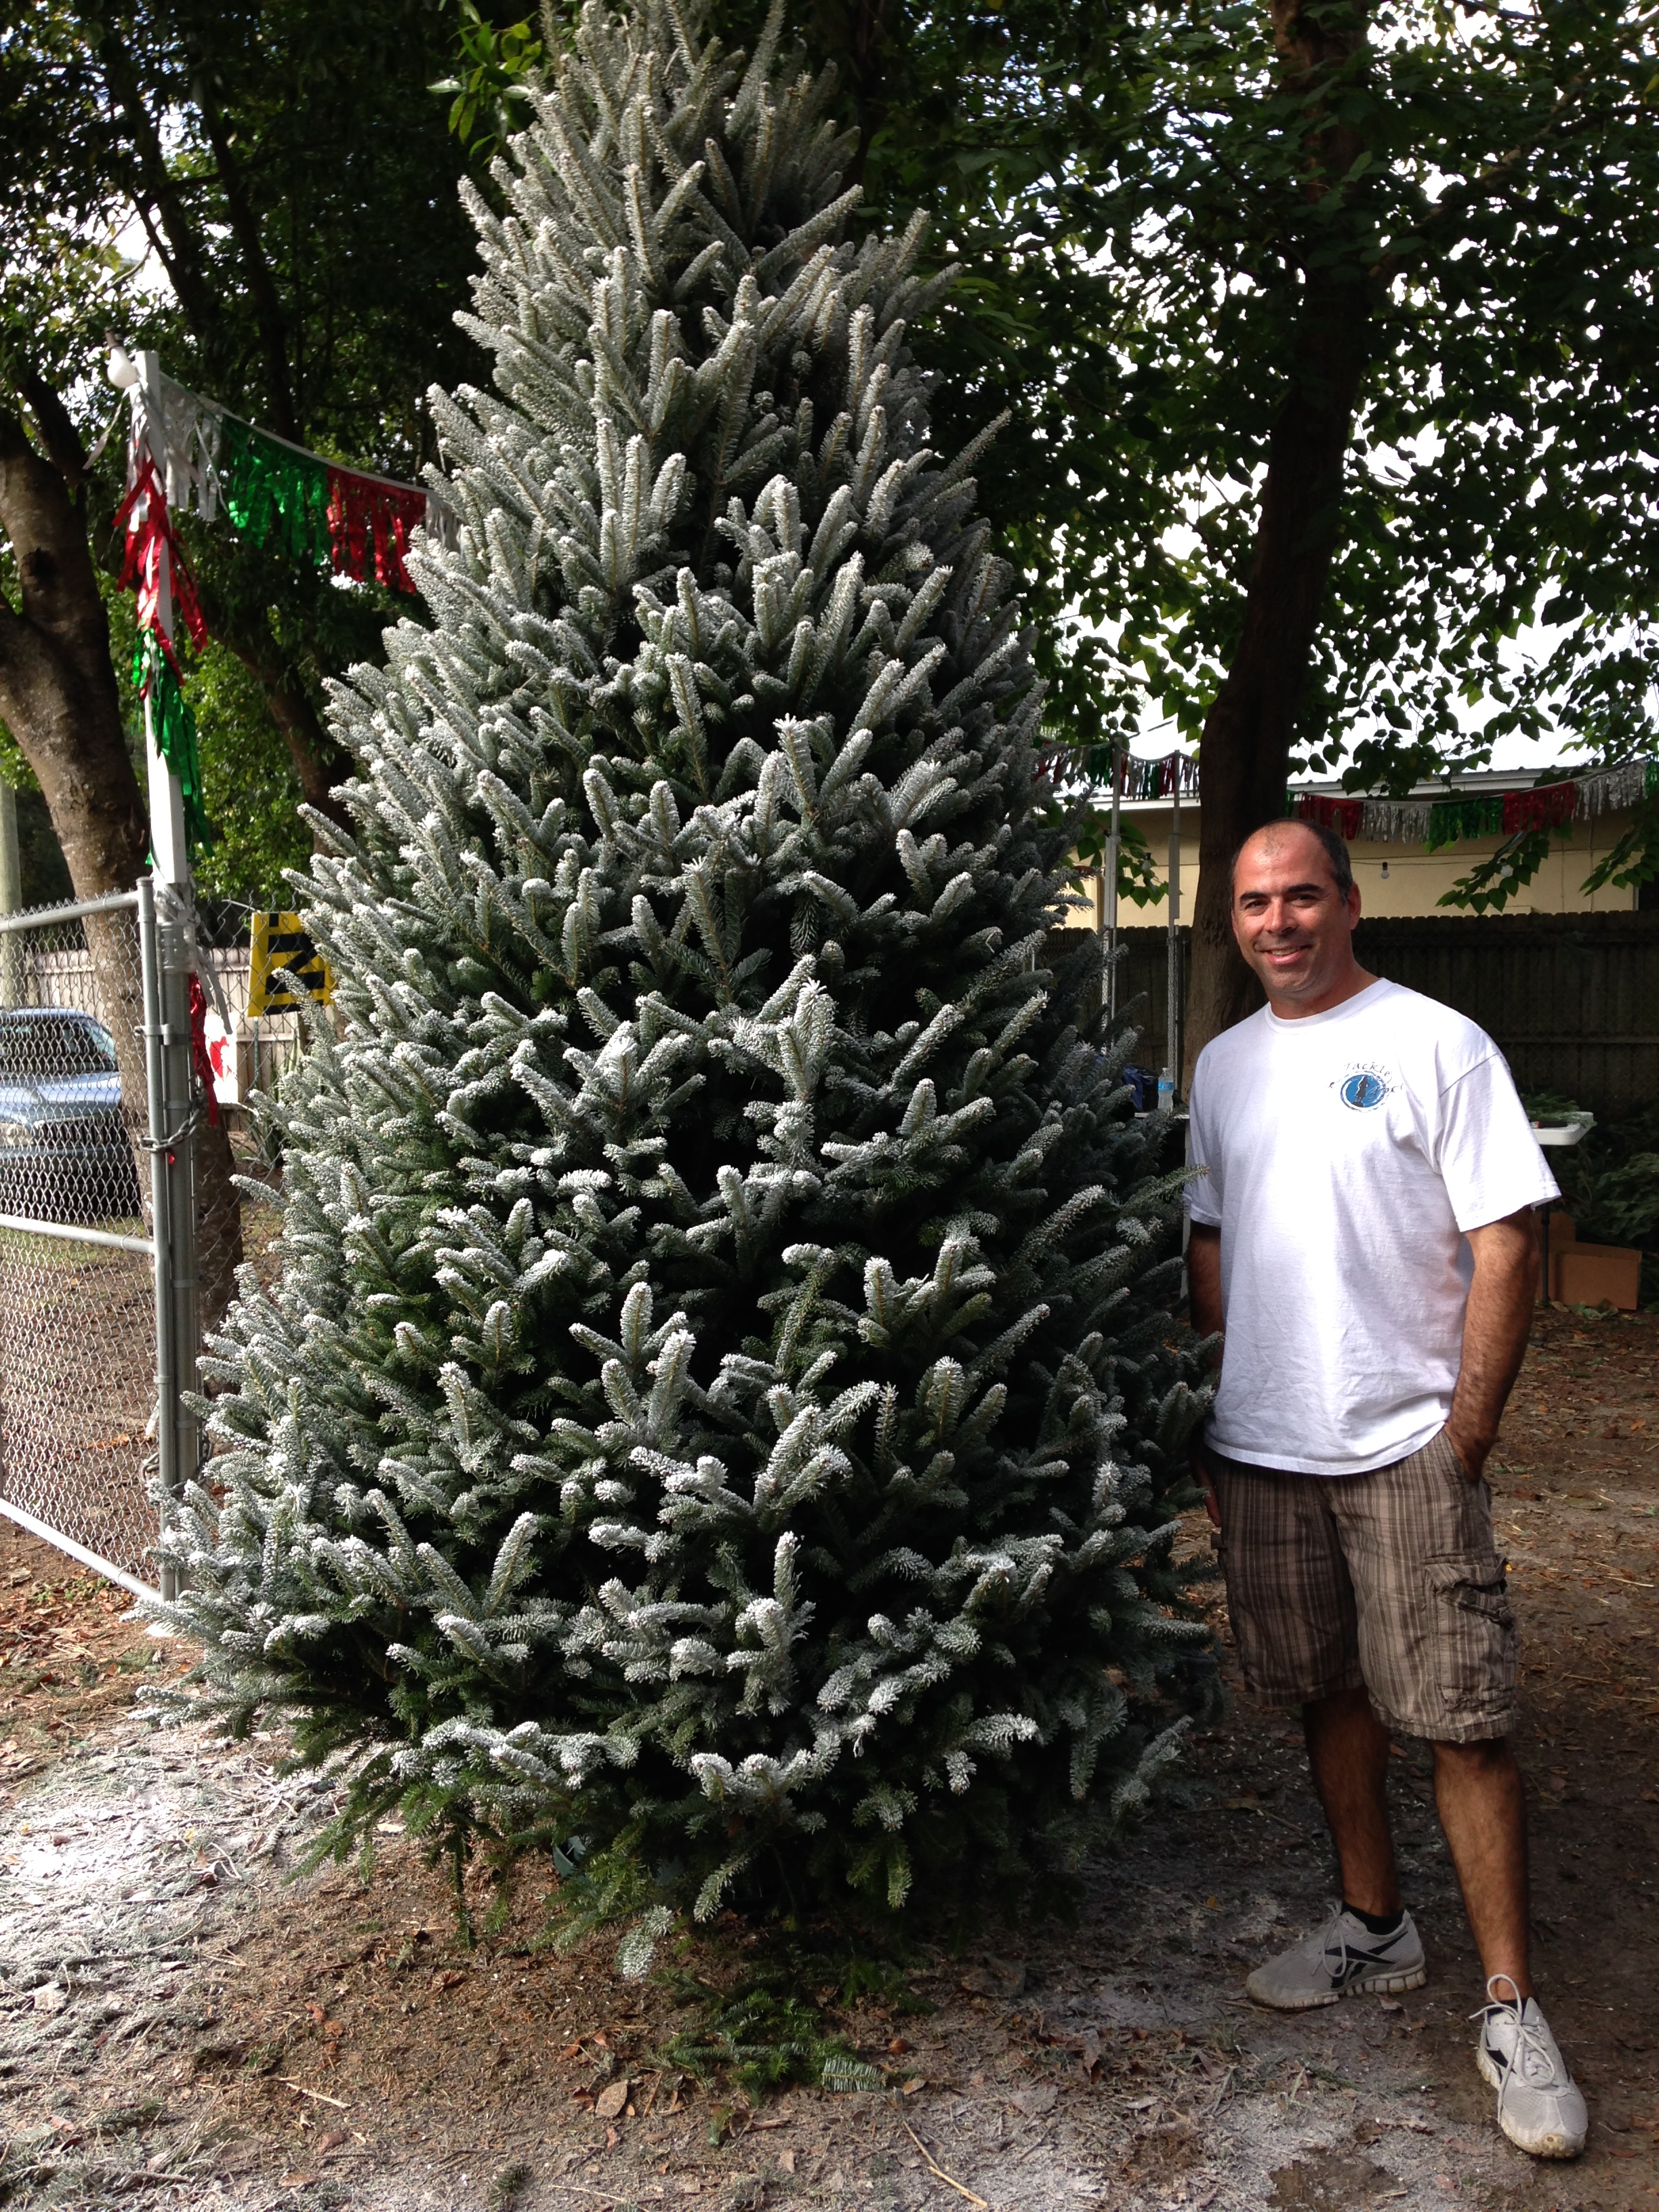 Dave's Christmas Tree Lot image 1